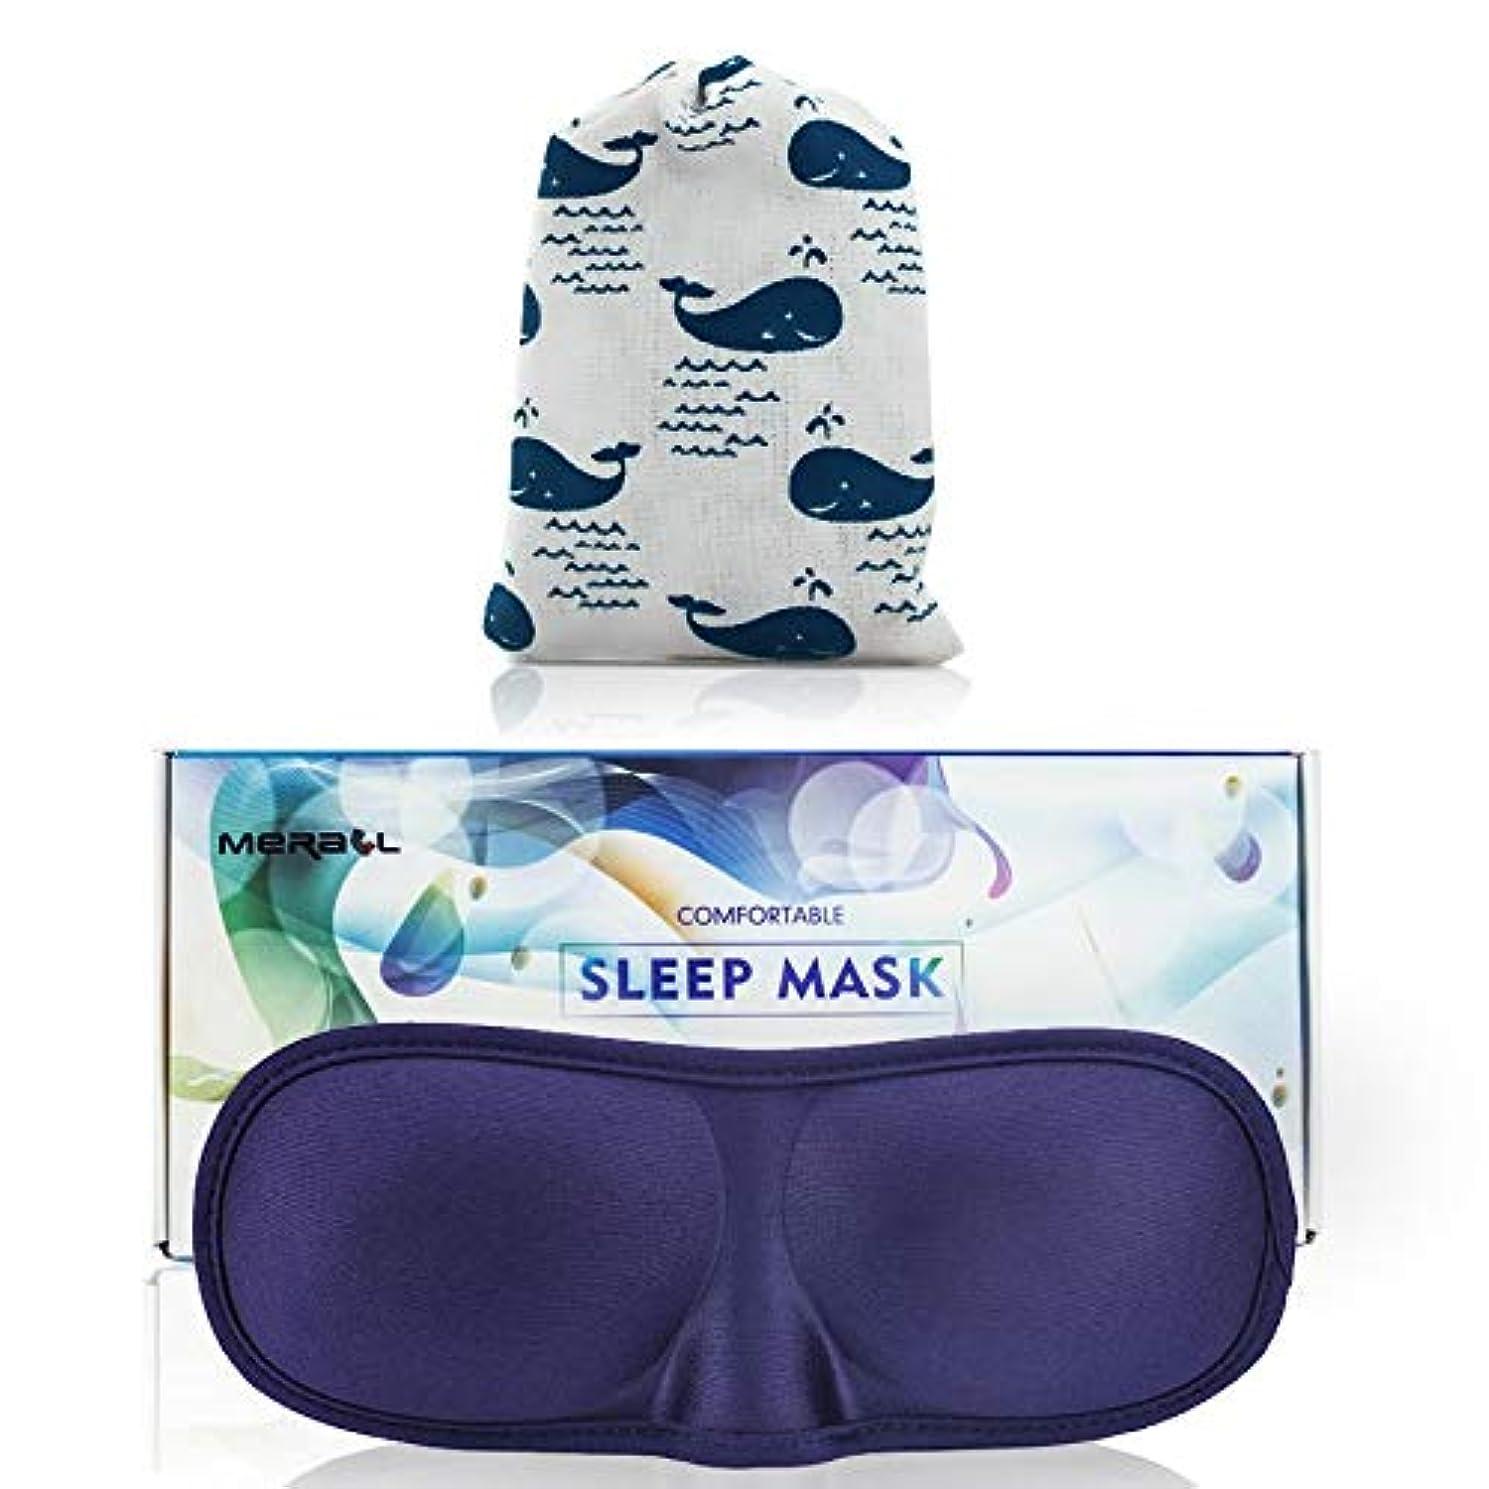 しばしば赤面繁殖NOTE 3 Dの睡眠マスクアイマスクカバーシェードアイパッチ女性と男性ソフトポータブル目隠しエイドアイリラクゼーション